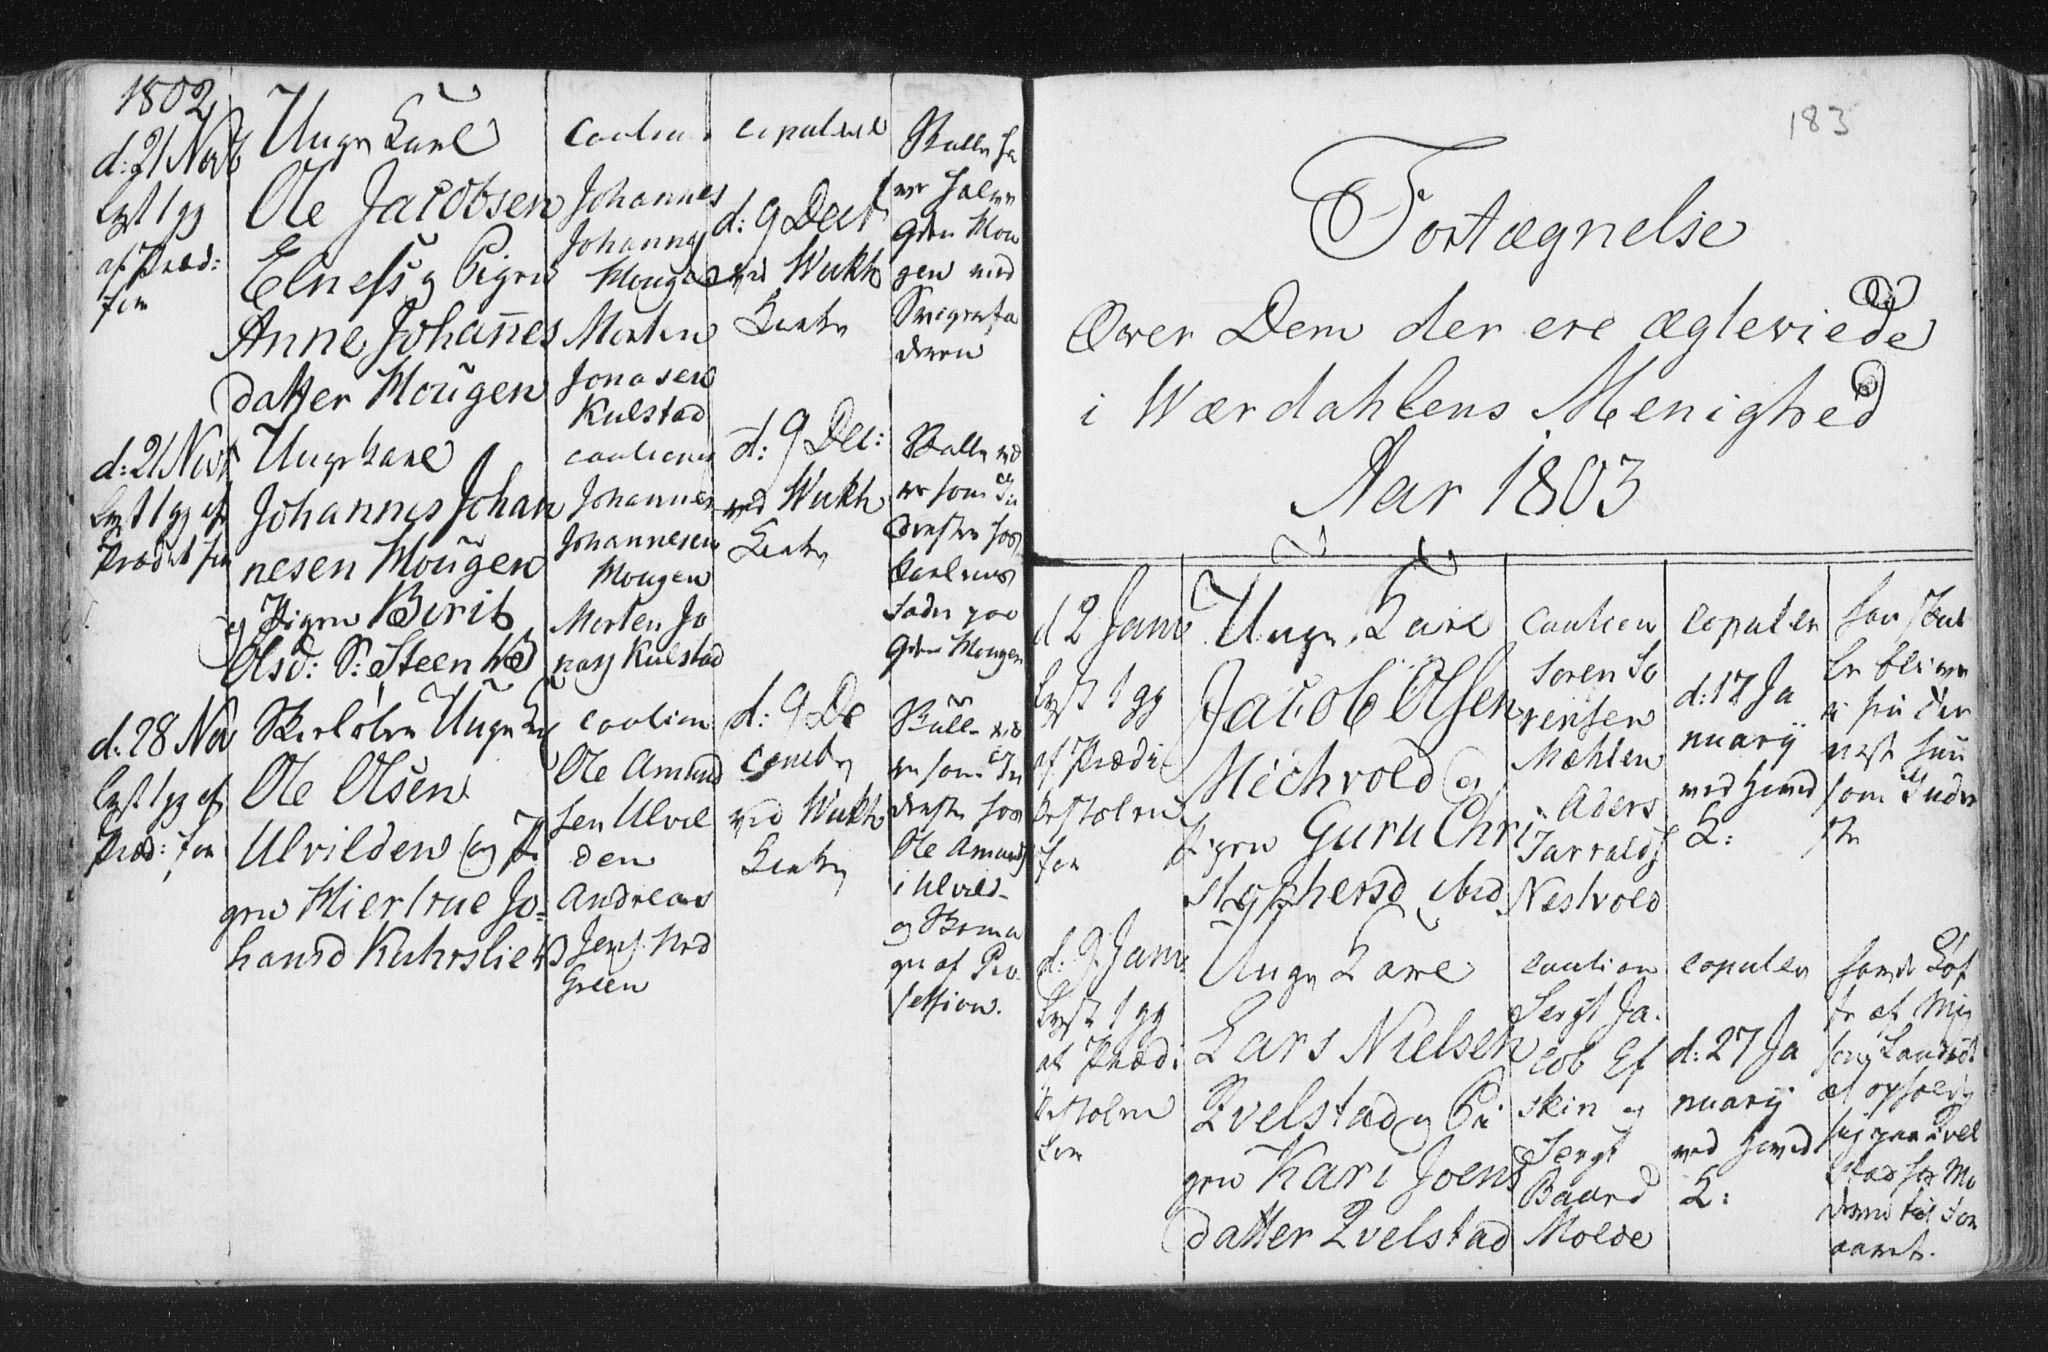 SAT, Ministerialprotokoller, klokkerbøker og fødselsregistre - Nord-Trøndelag, 723/L0232: Ministerialbok nr. 723A03, 1781-1804, s. 183